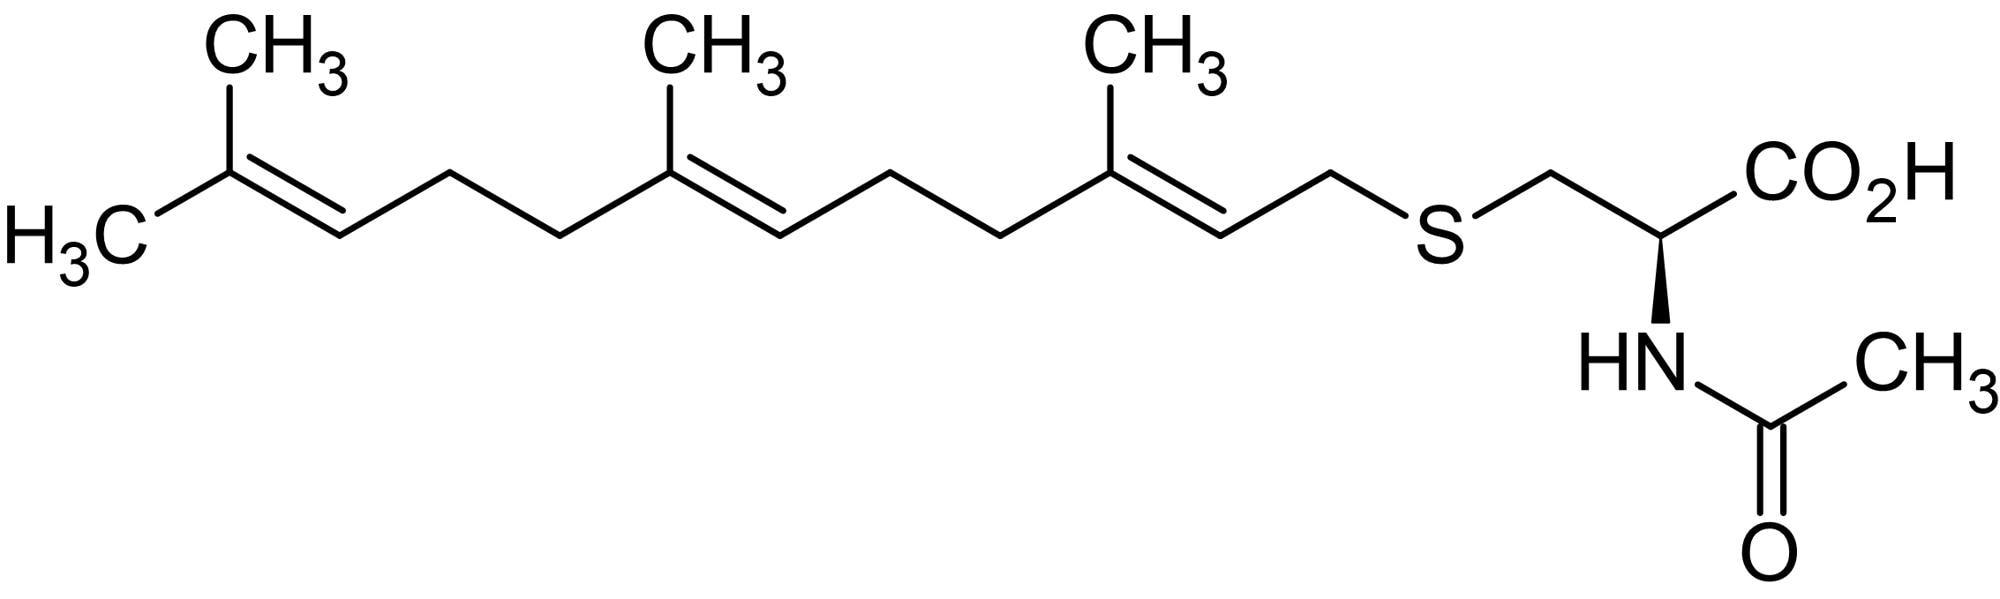 Chemical Structure - N-Acetyl-S-farnesyl-L-cysteine (AFC), Specific S-farnesylcysteine methyl transferase inhibitor (ab141616)